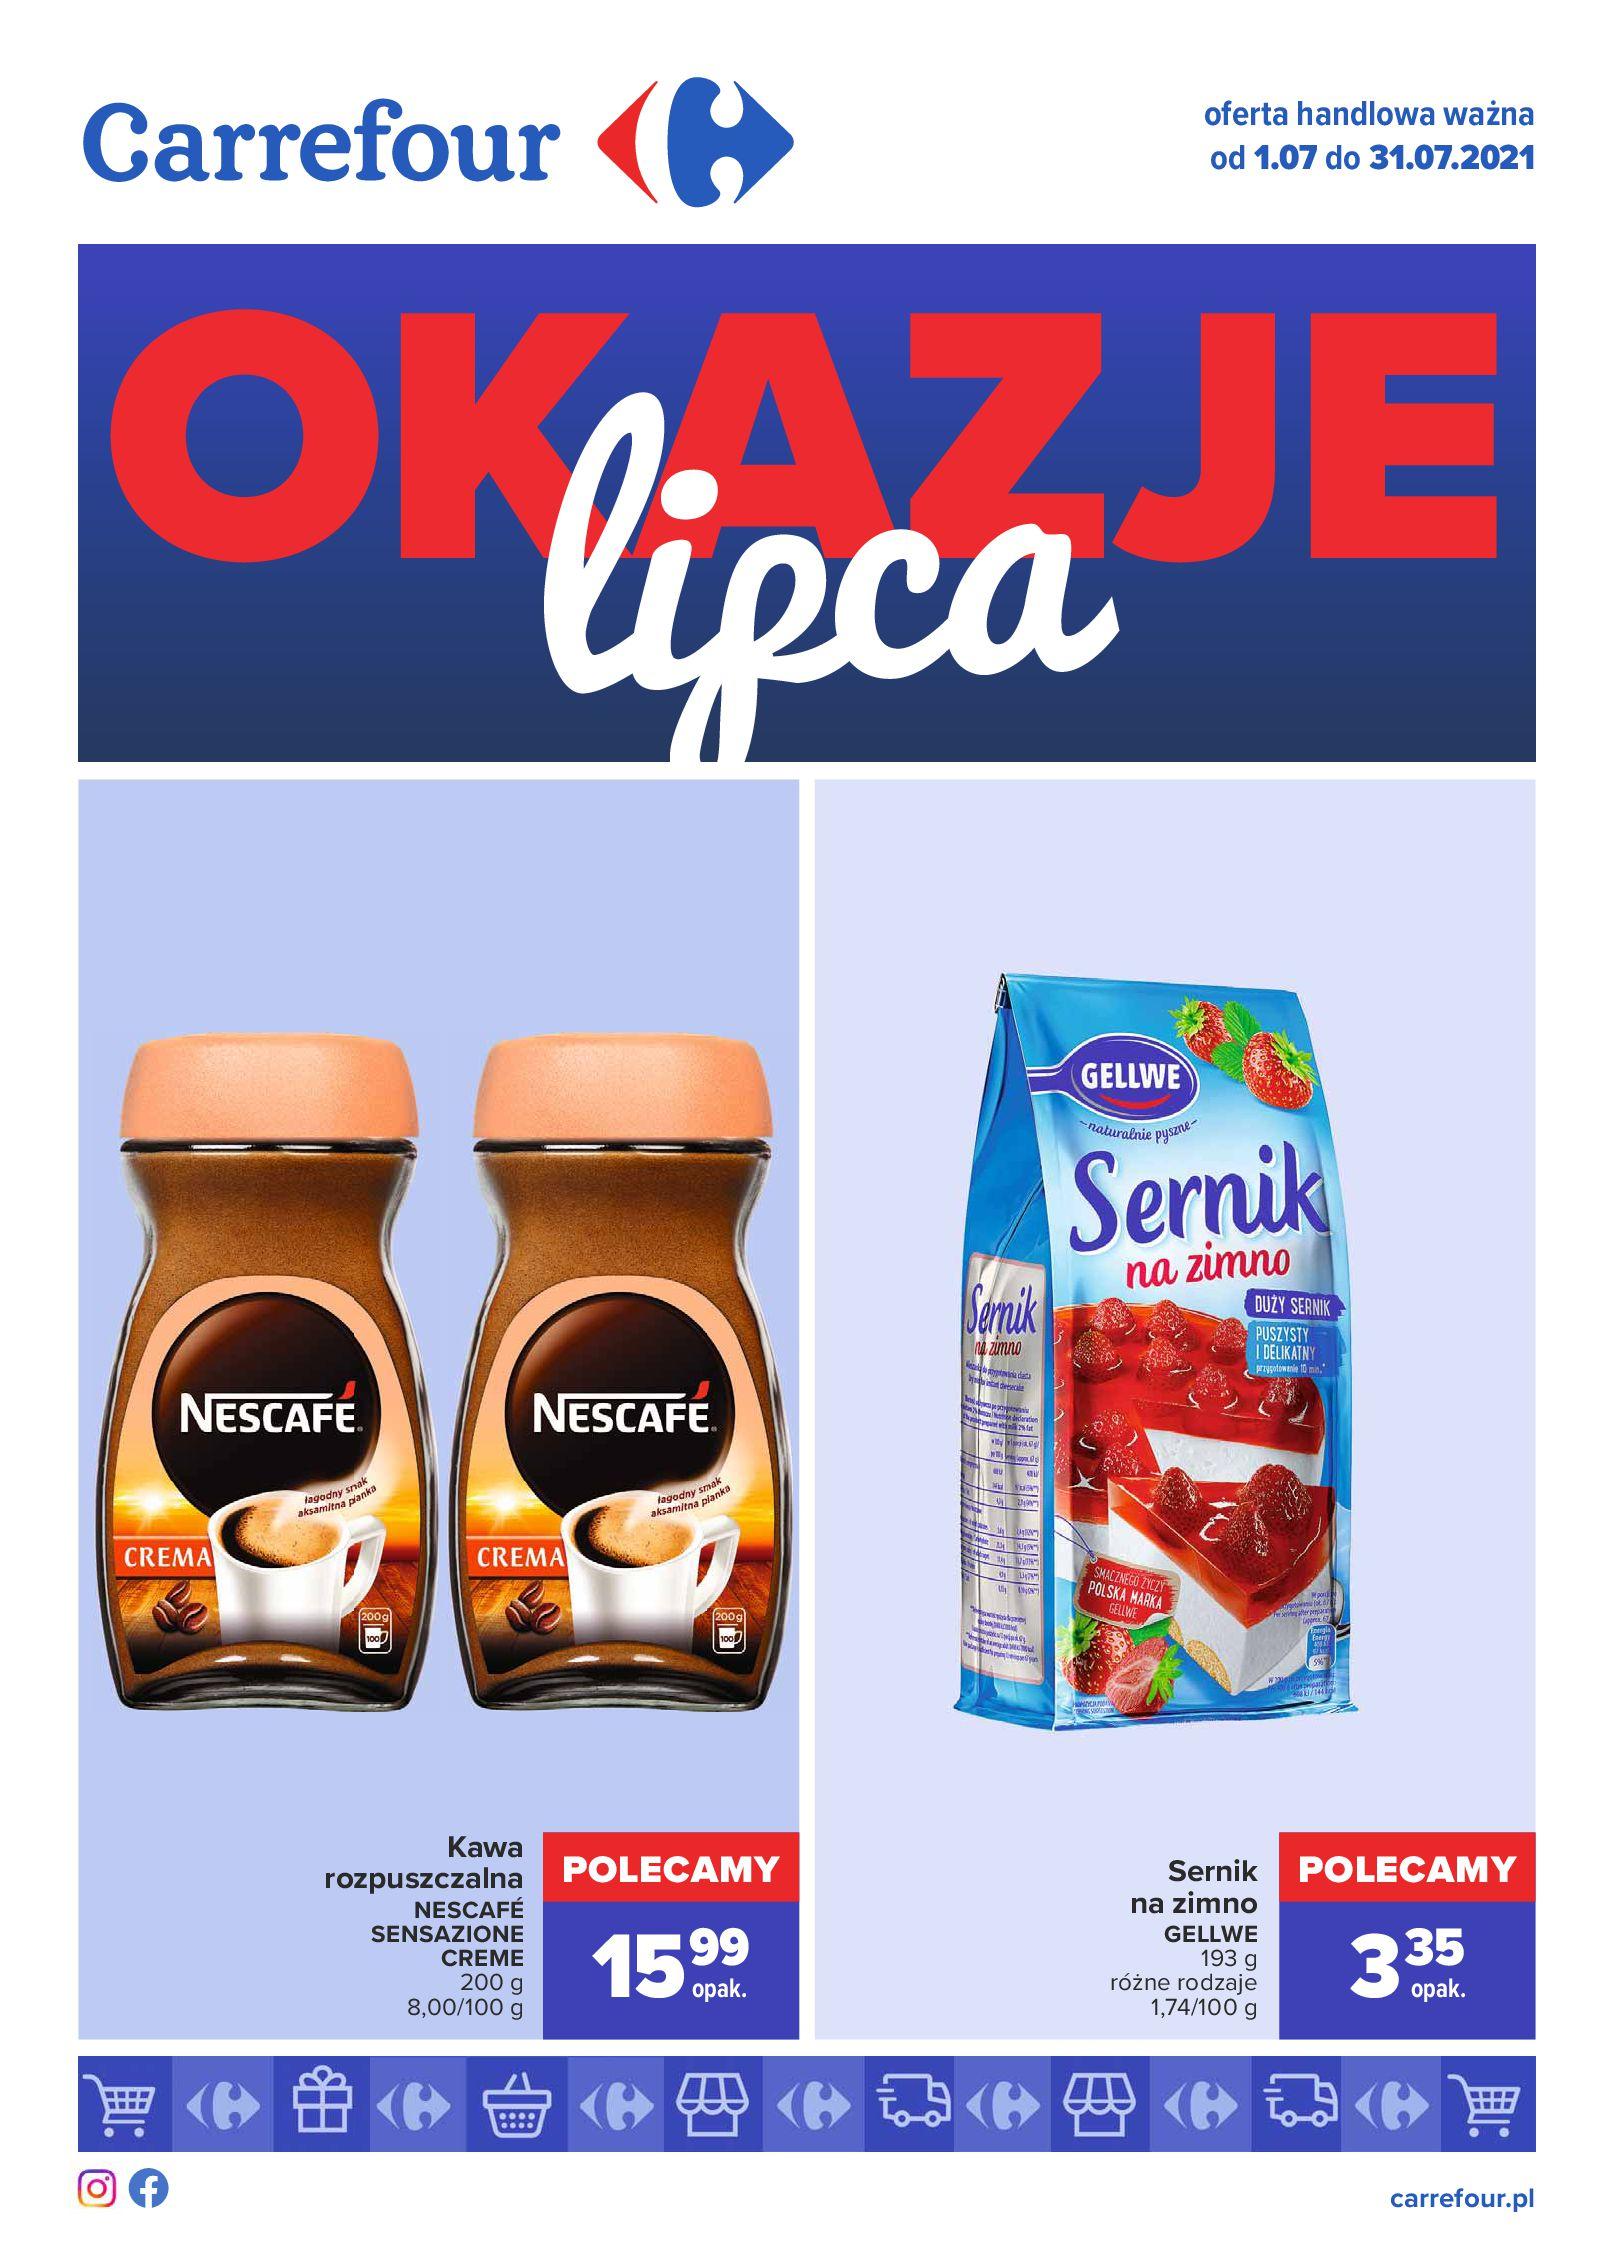 Gazetka Carrefour: Gazetka Carrefour - Okazje lipca 2021-07-01 page-1